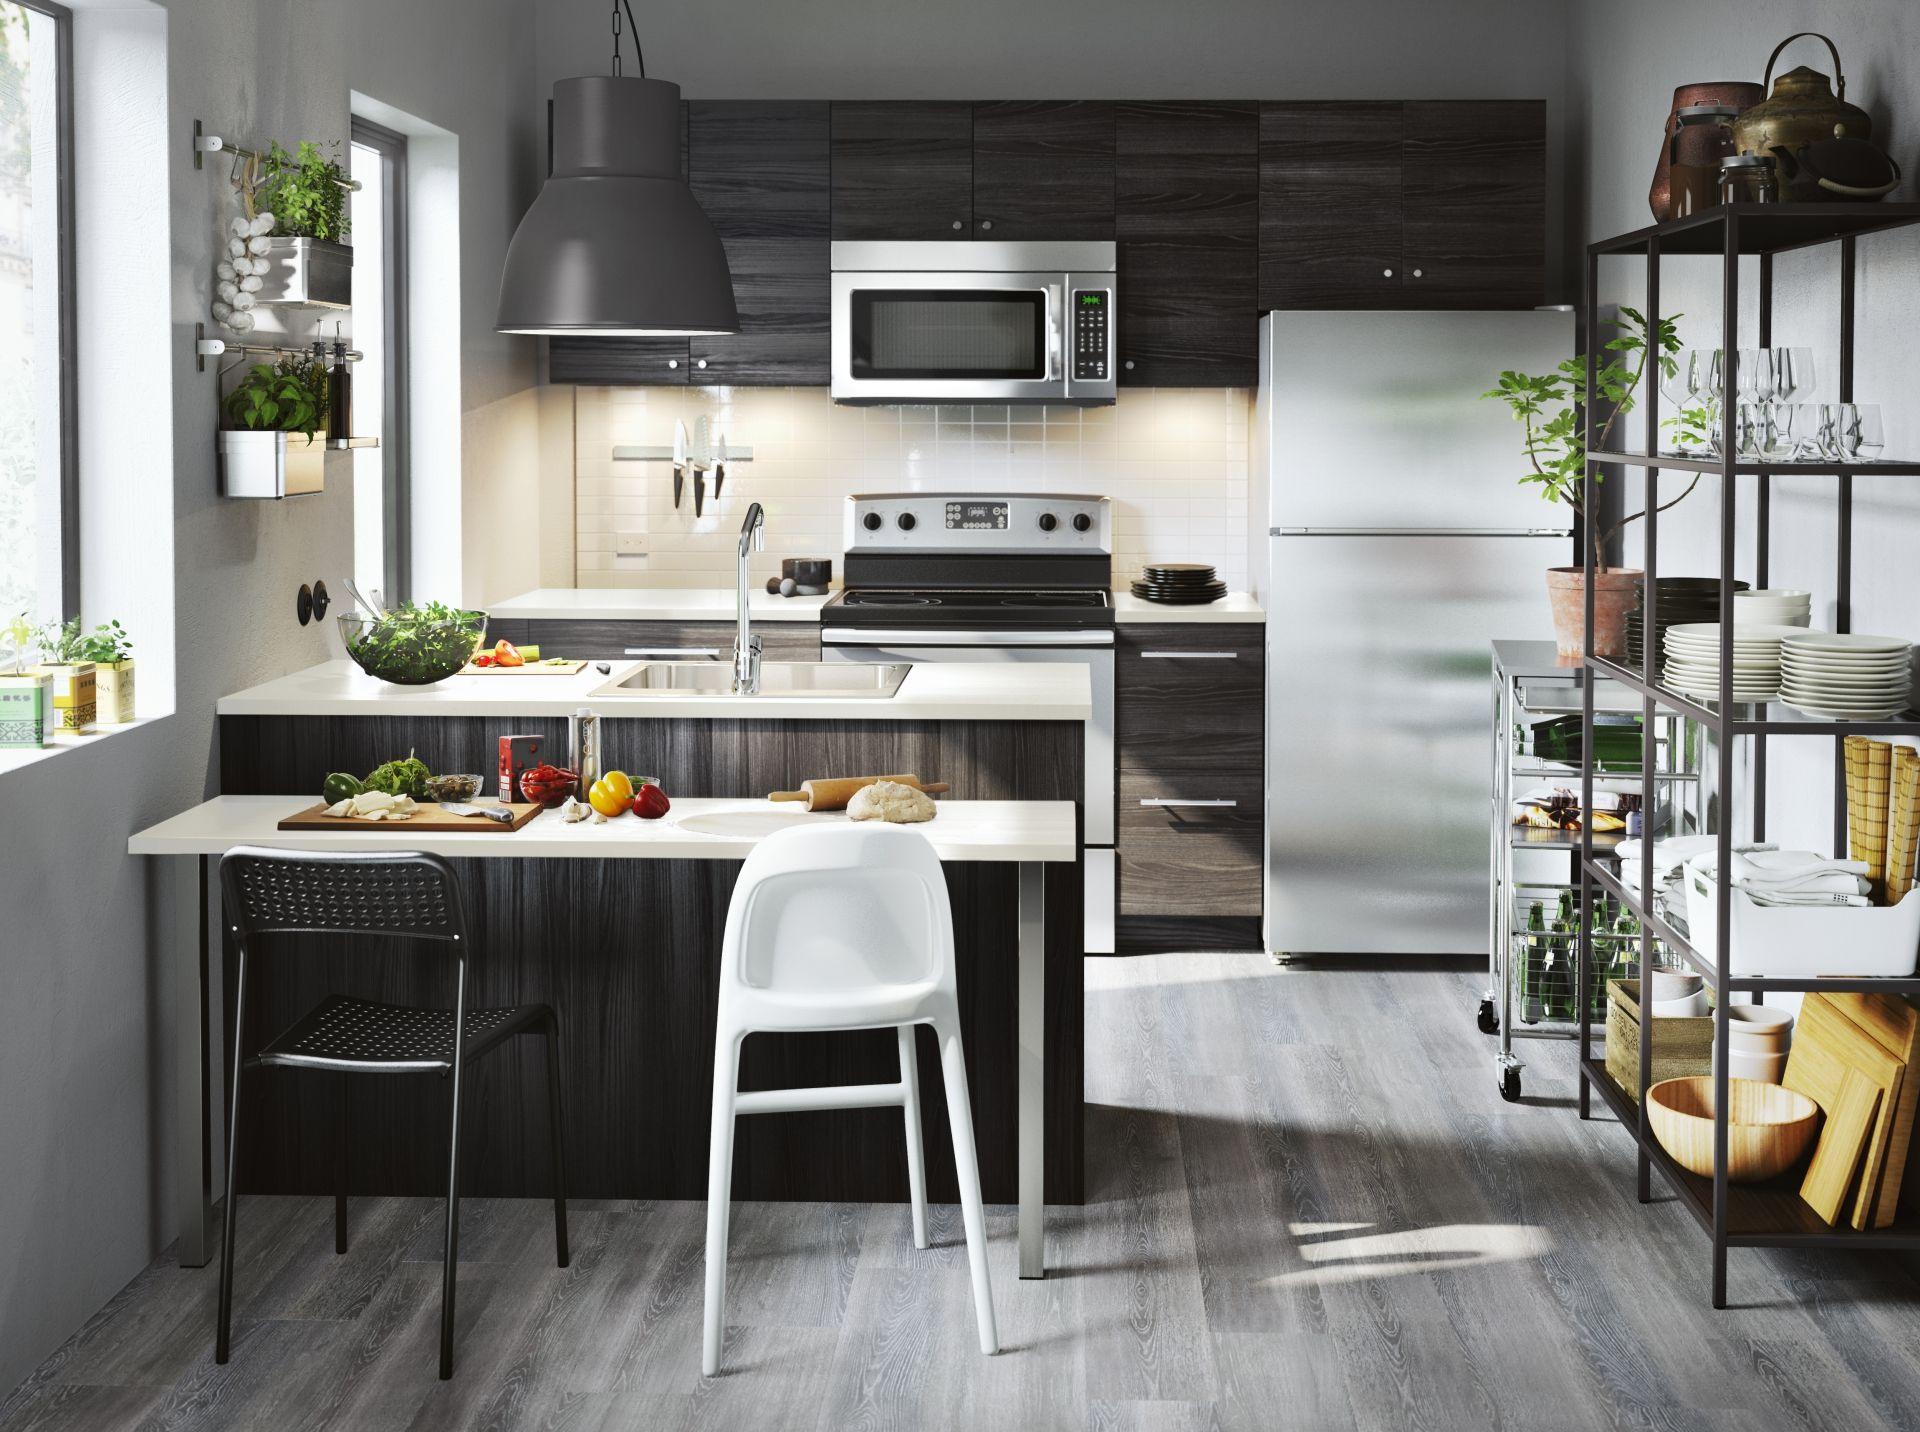 Keuken Interieur Scandinavisch : Metod tingsryd keuken ikea ikeanl ikeanederland interieur